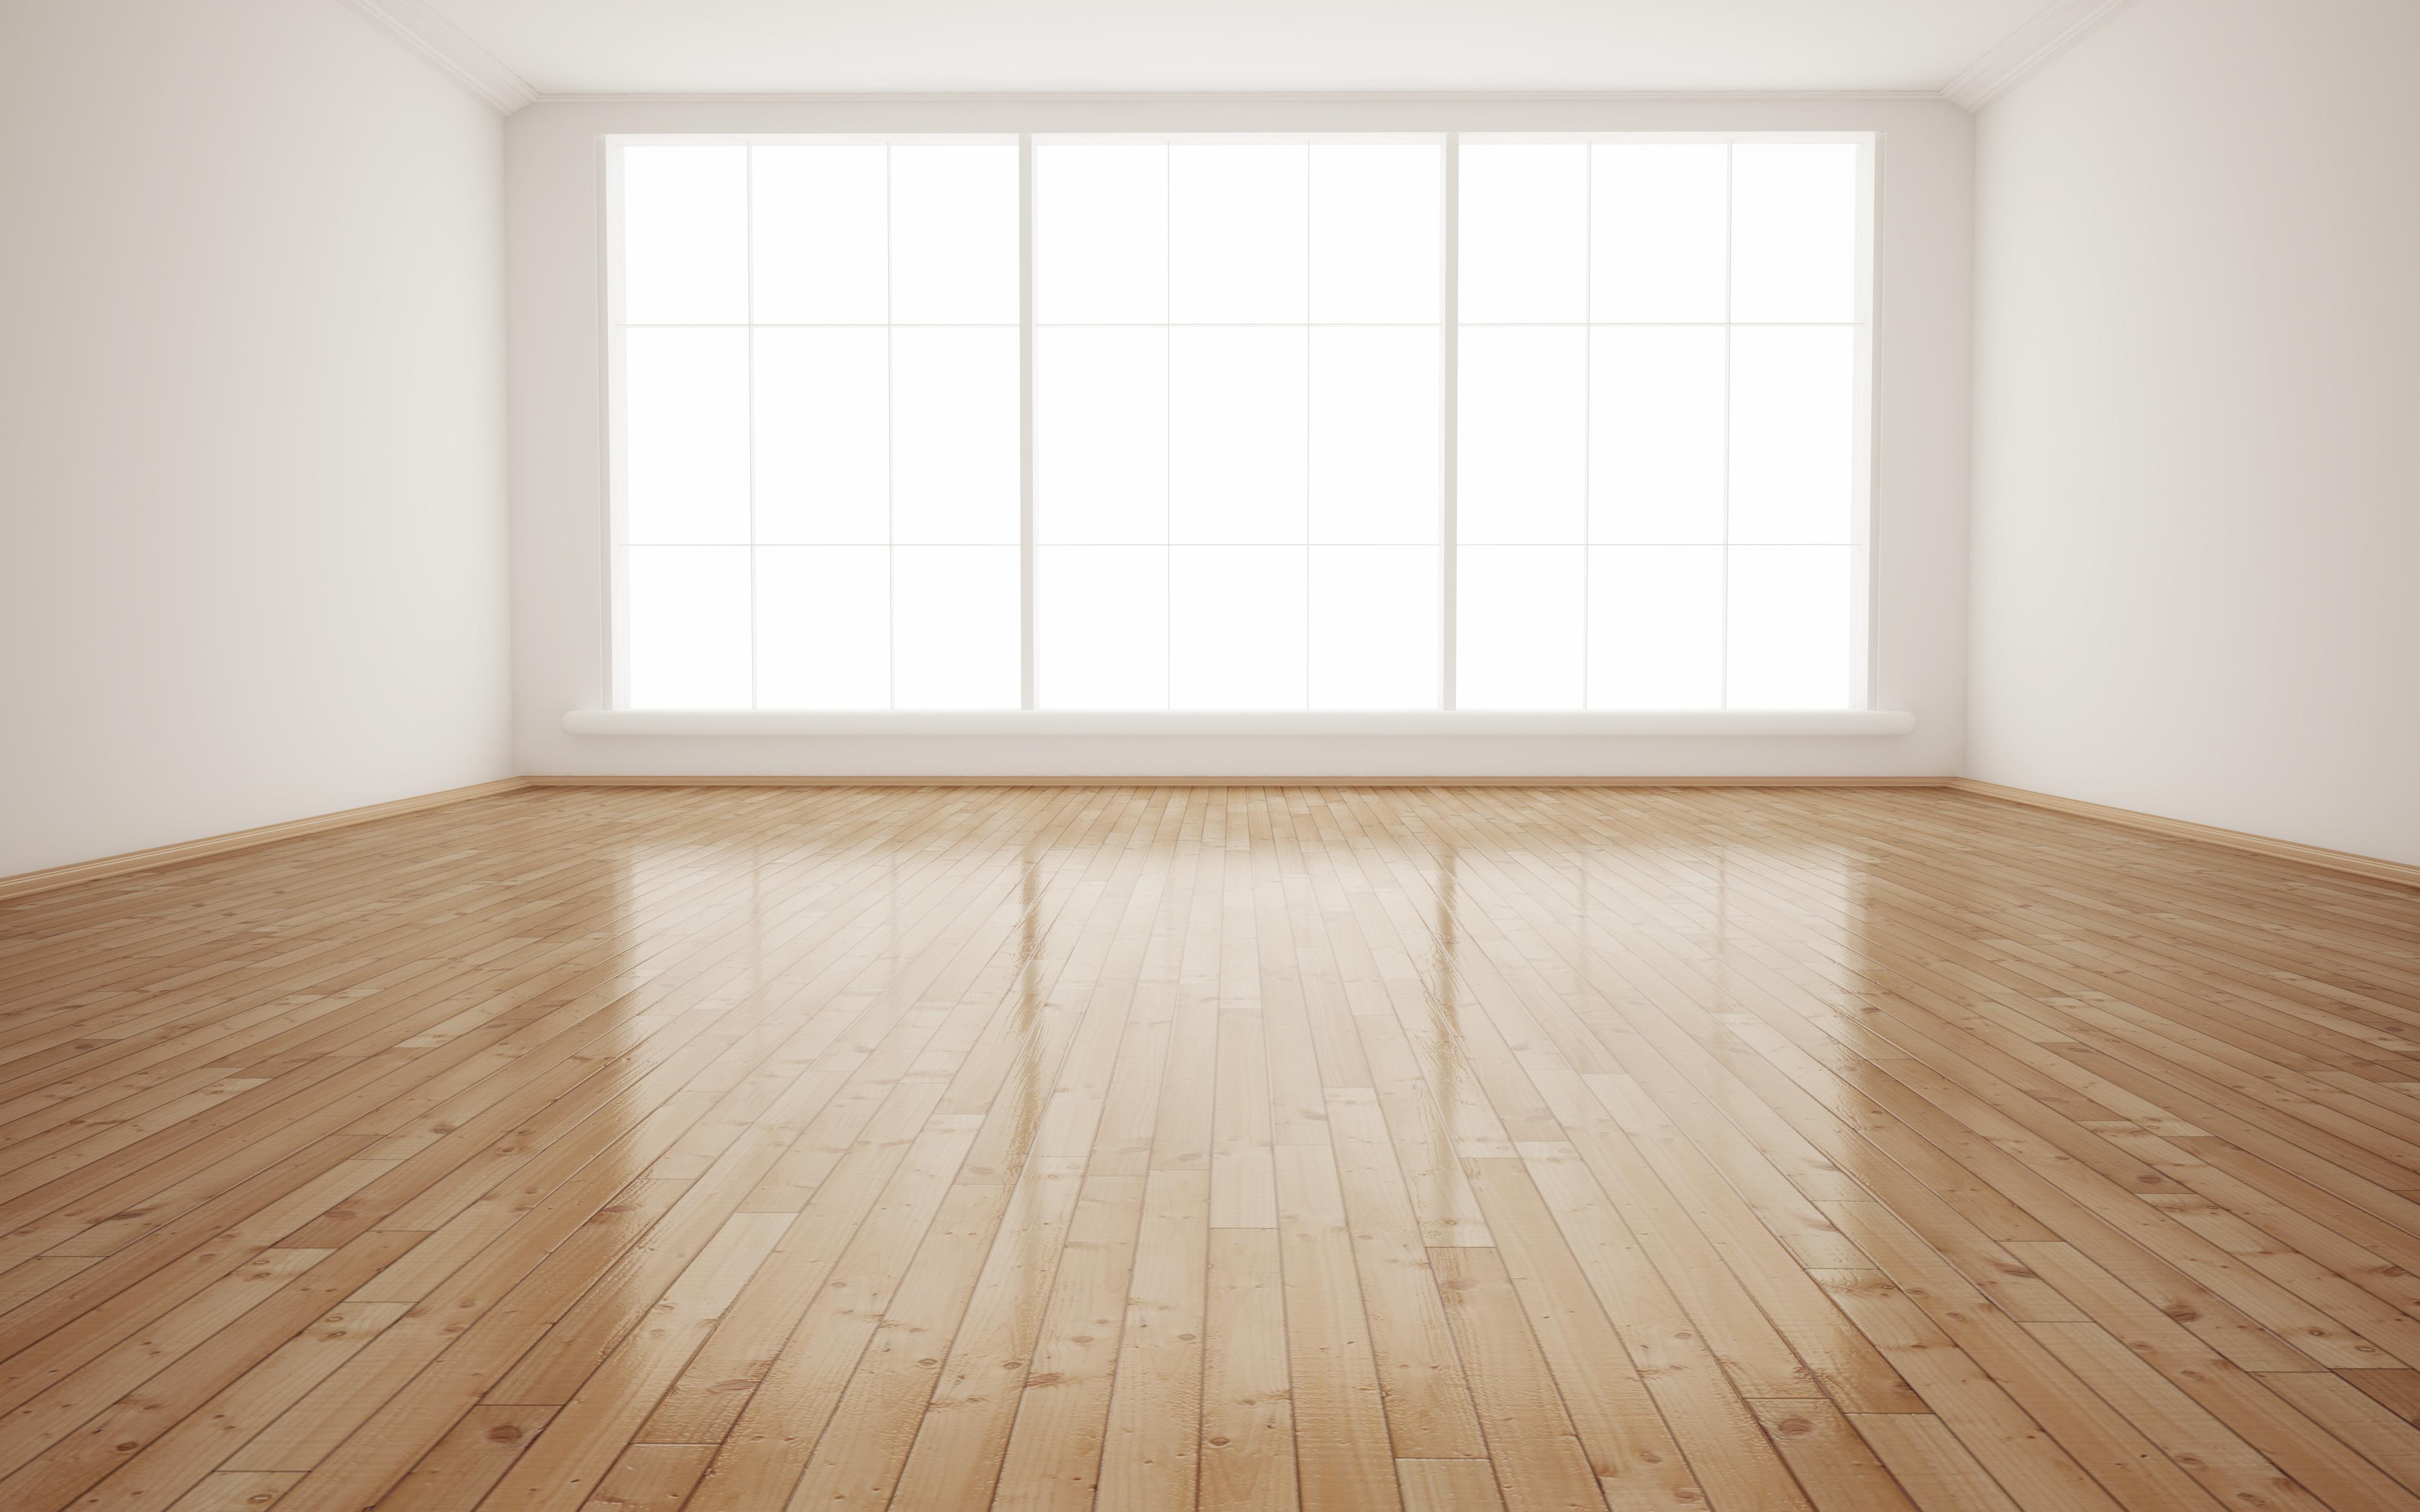 просьбы картинка комната пустая большая введения евро, изображения